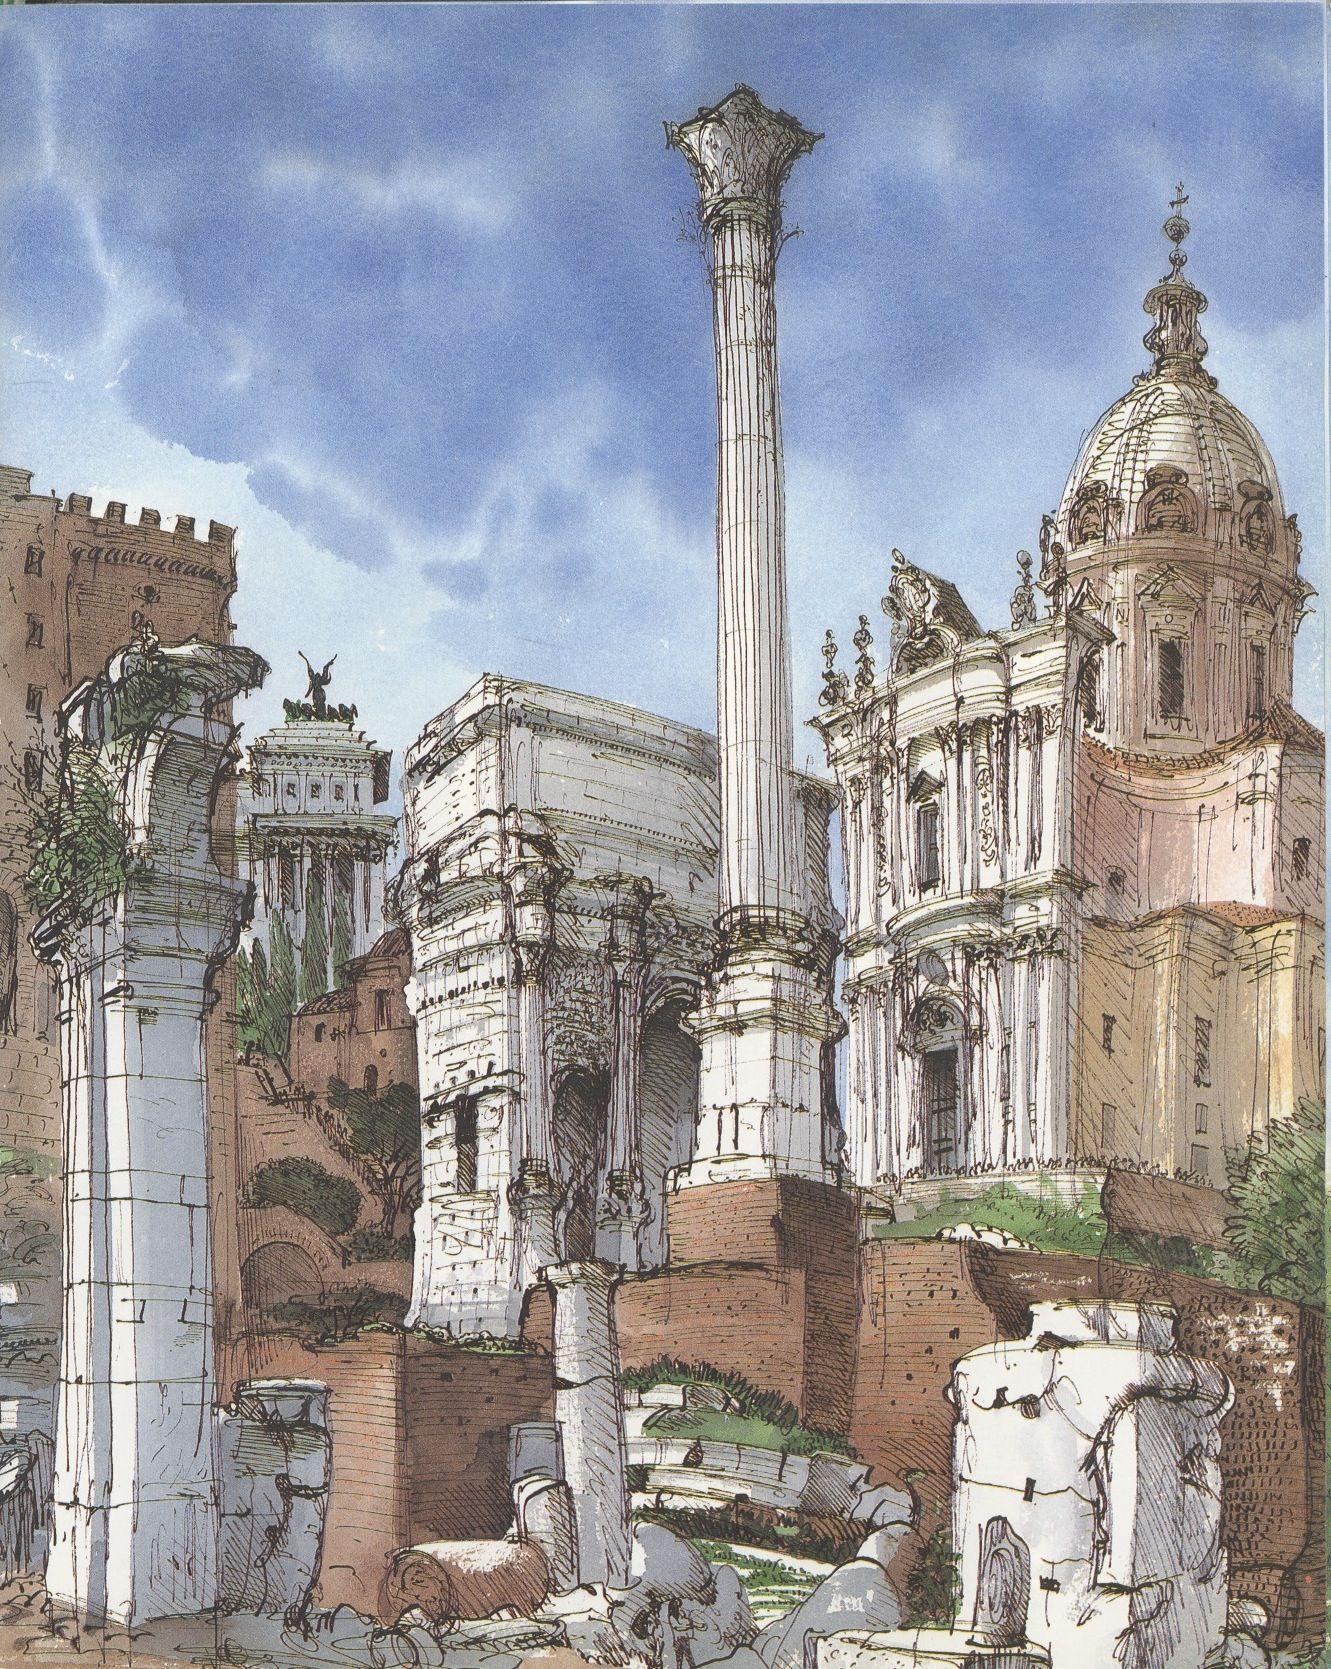 Disegno E Pittura Forum.Urbansketchers The Forum Rome Nel 2019 Schizzi